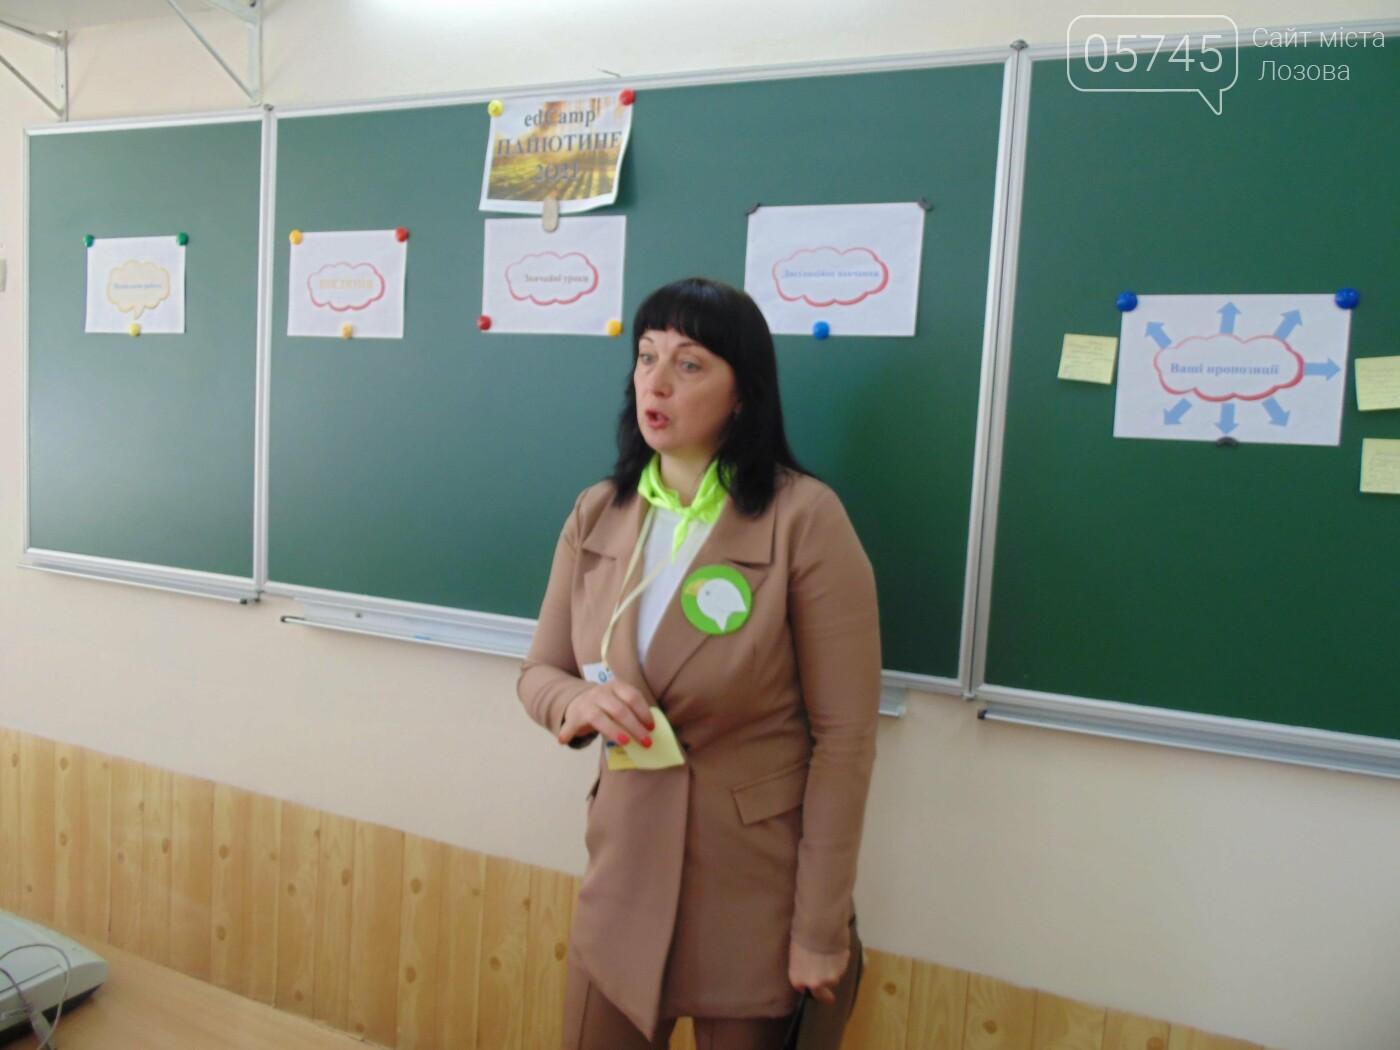 Нові ідеї та рекорд Лозівщини: у Панютинському ліцеї пройшла (не) конференція EdCamp, фото-24